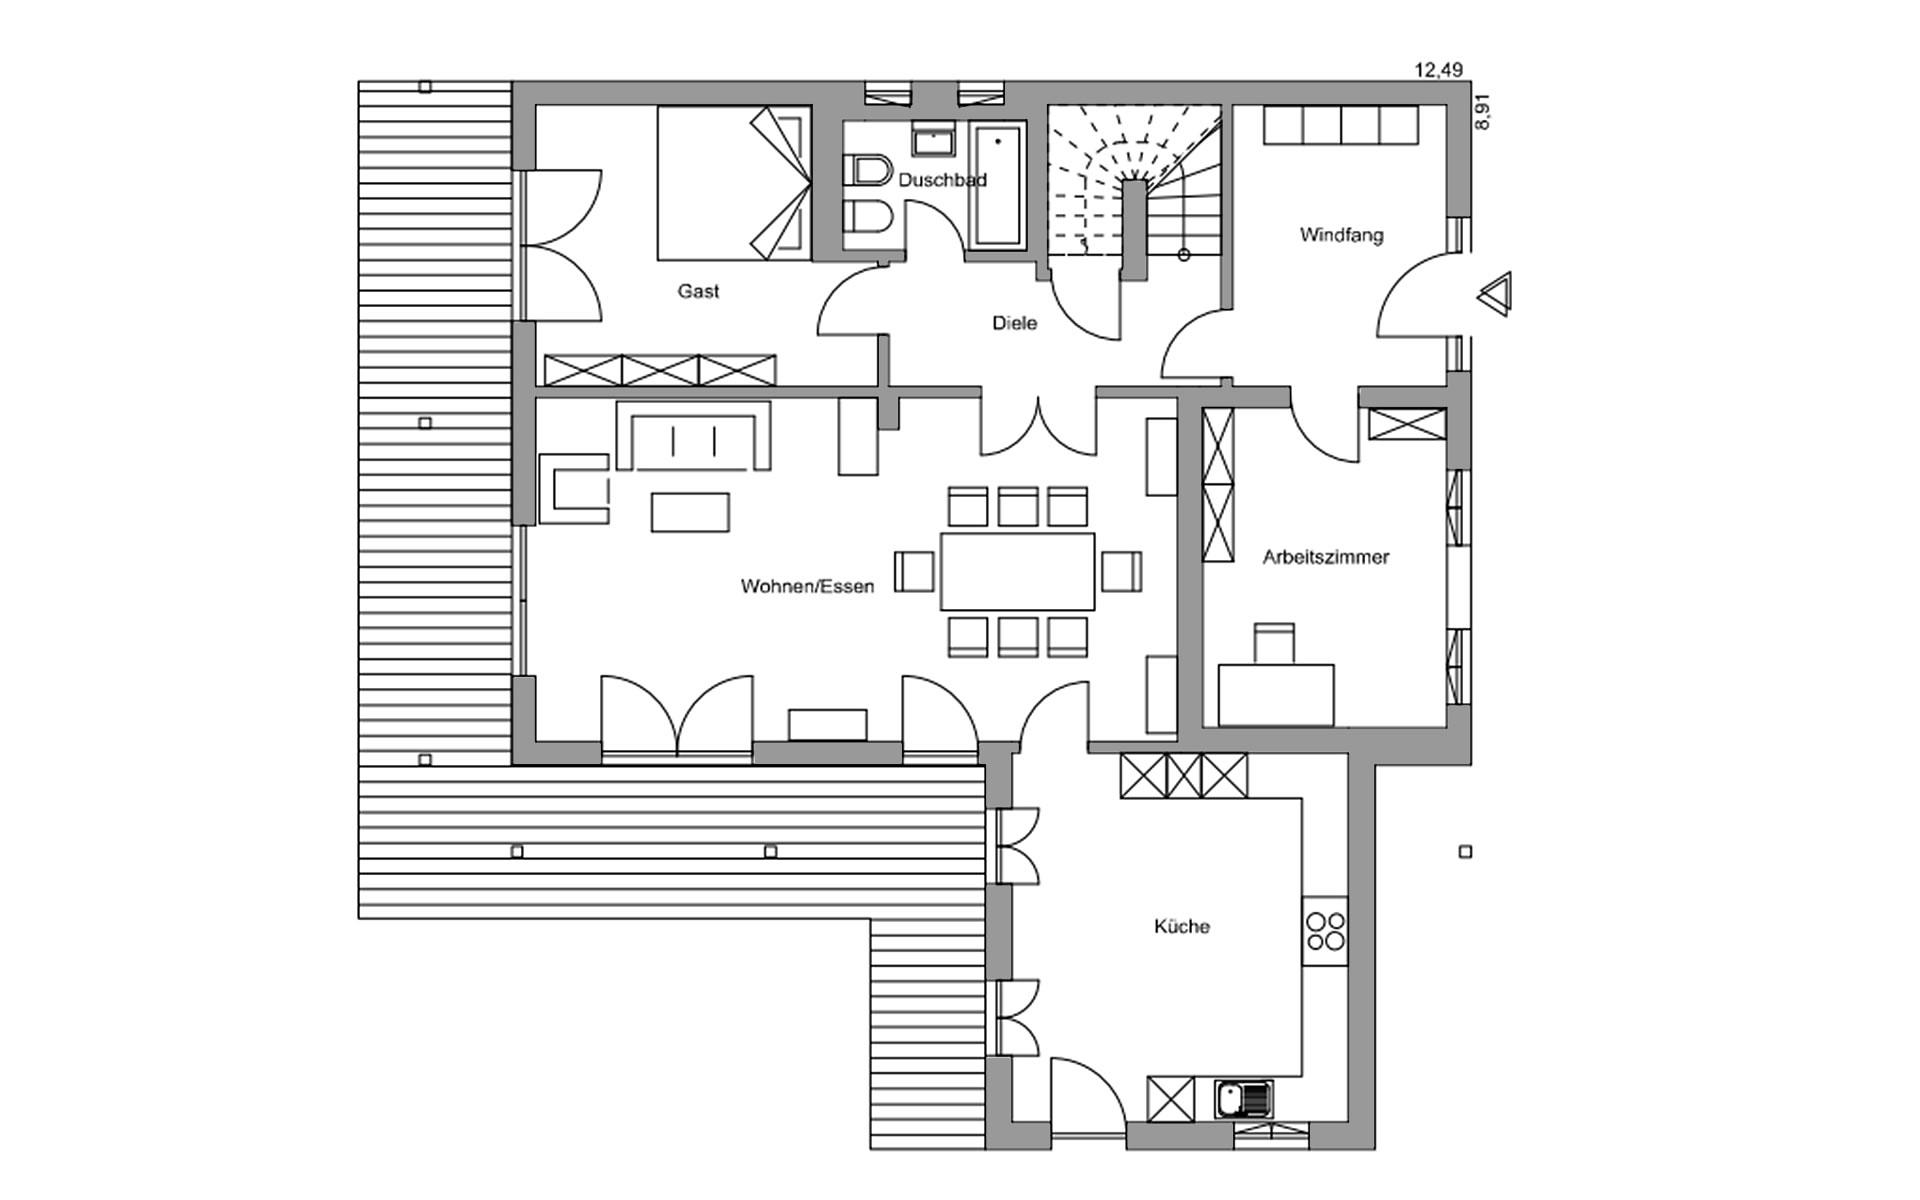 Erdgeschoss Genf von Regnauer Hausbau GmbH & Co. KG